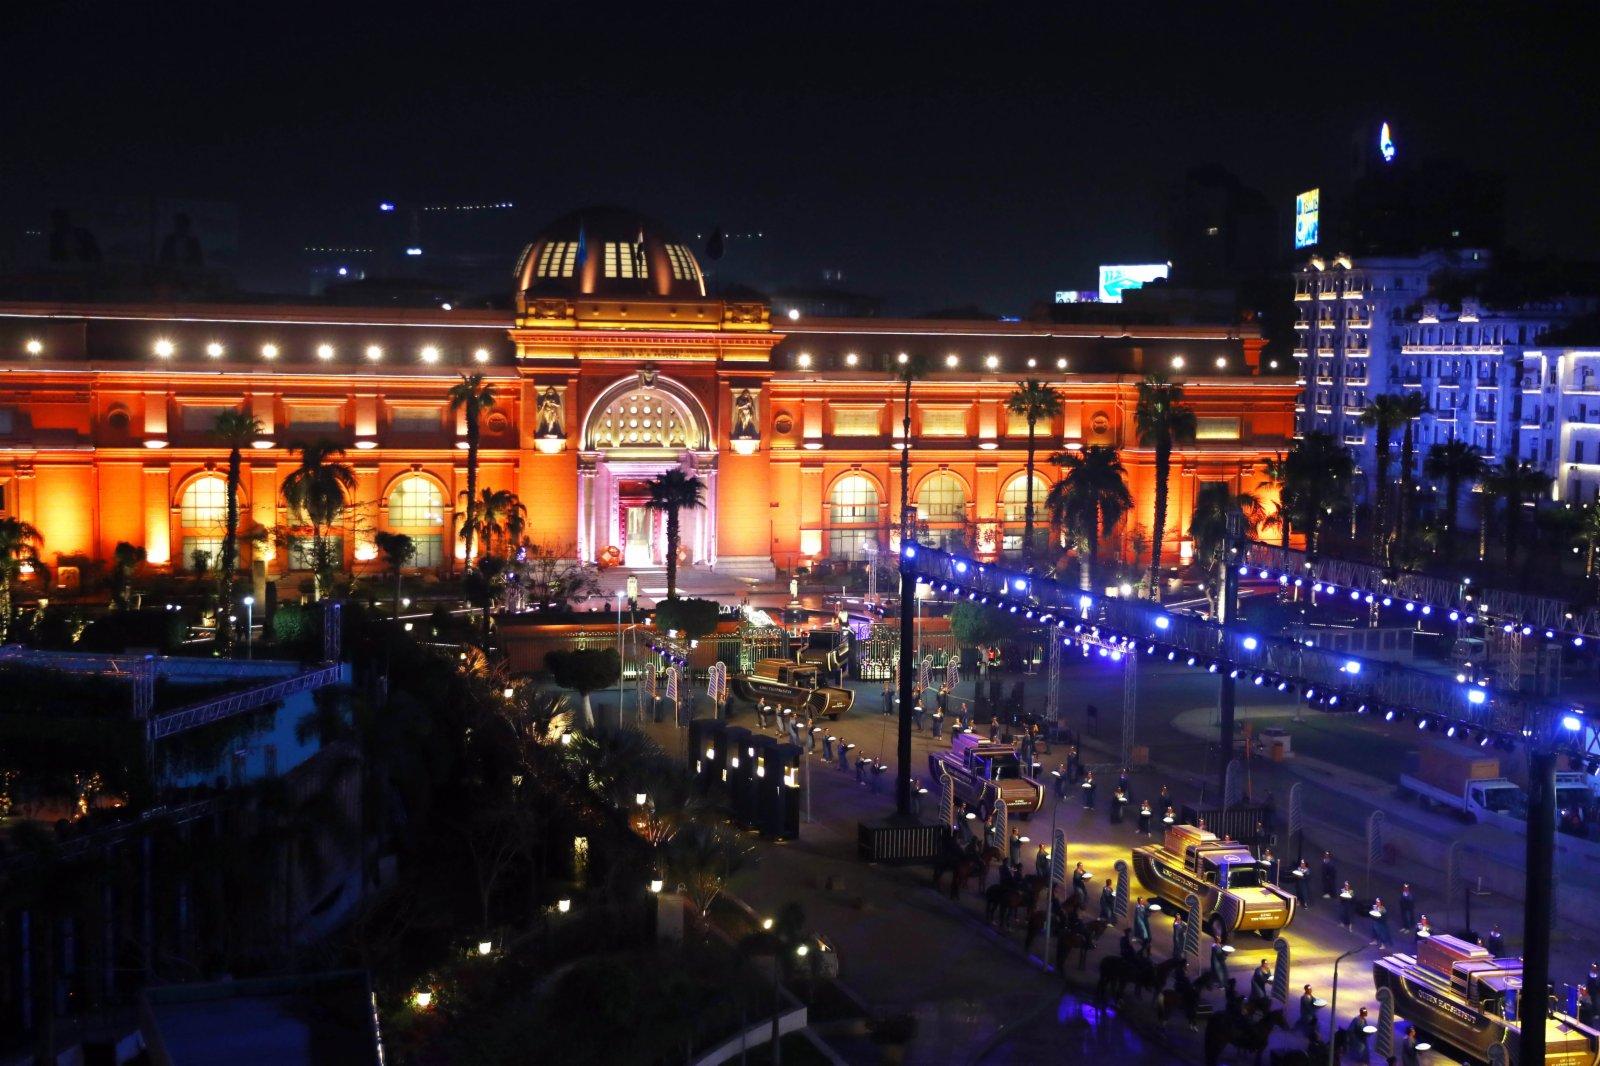 4月3日,在埃及首都開羅解放廣場,用於運送木乃伊的金色定製花車駛離埃及國家博物館。(新華社)